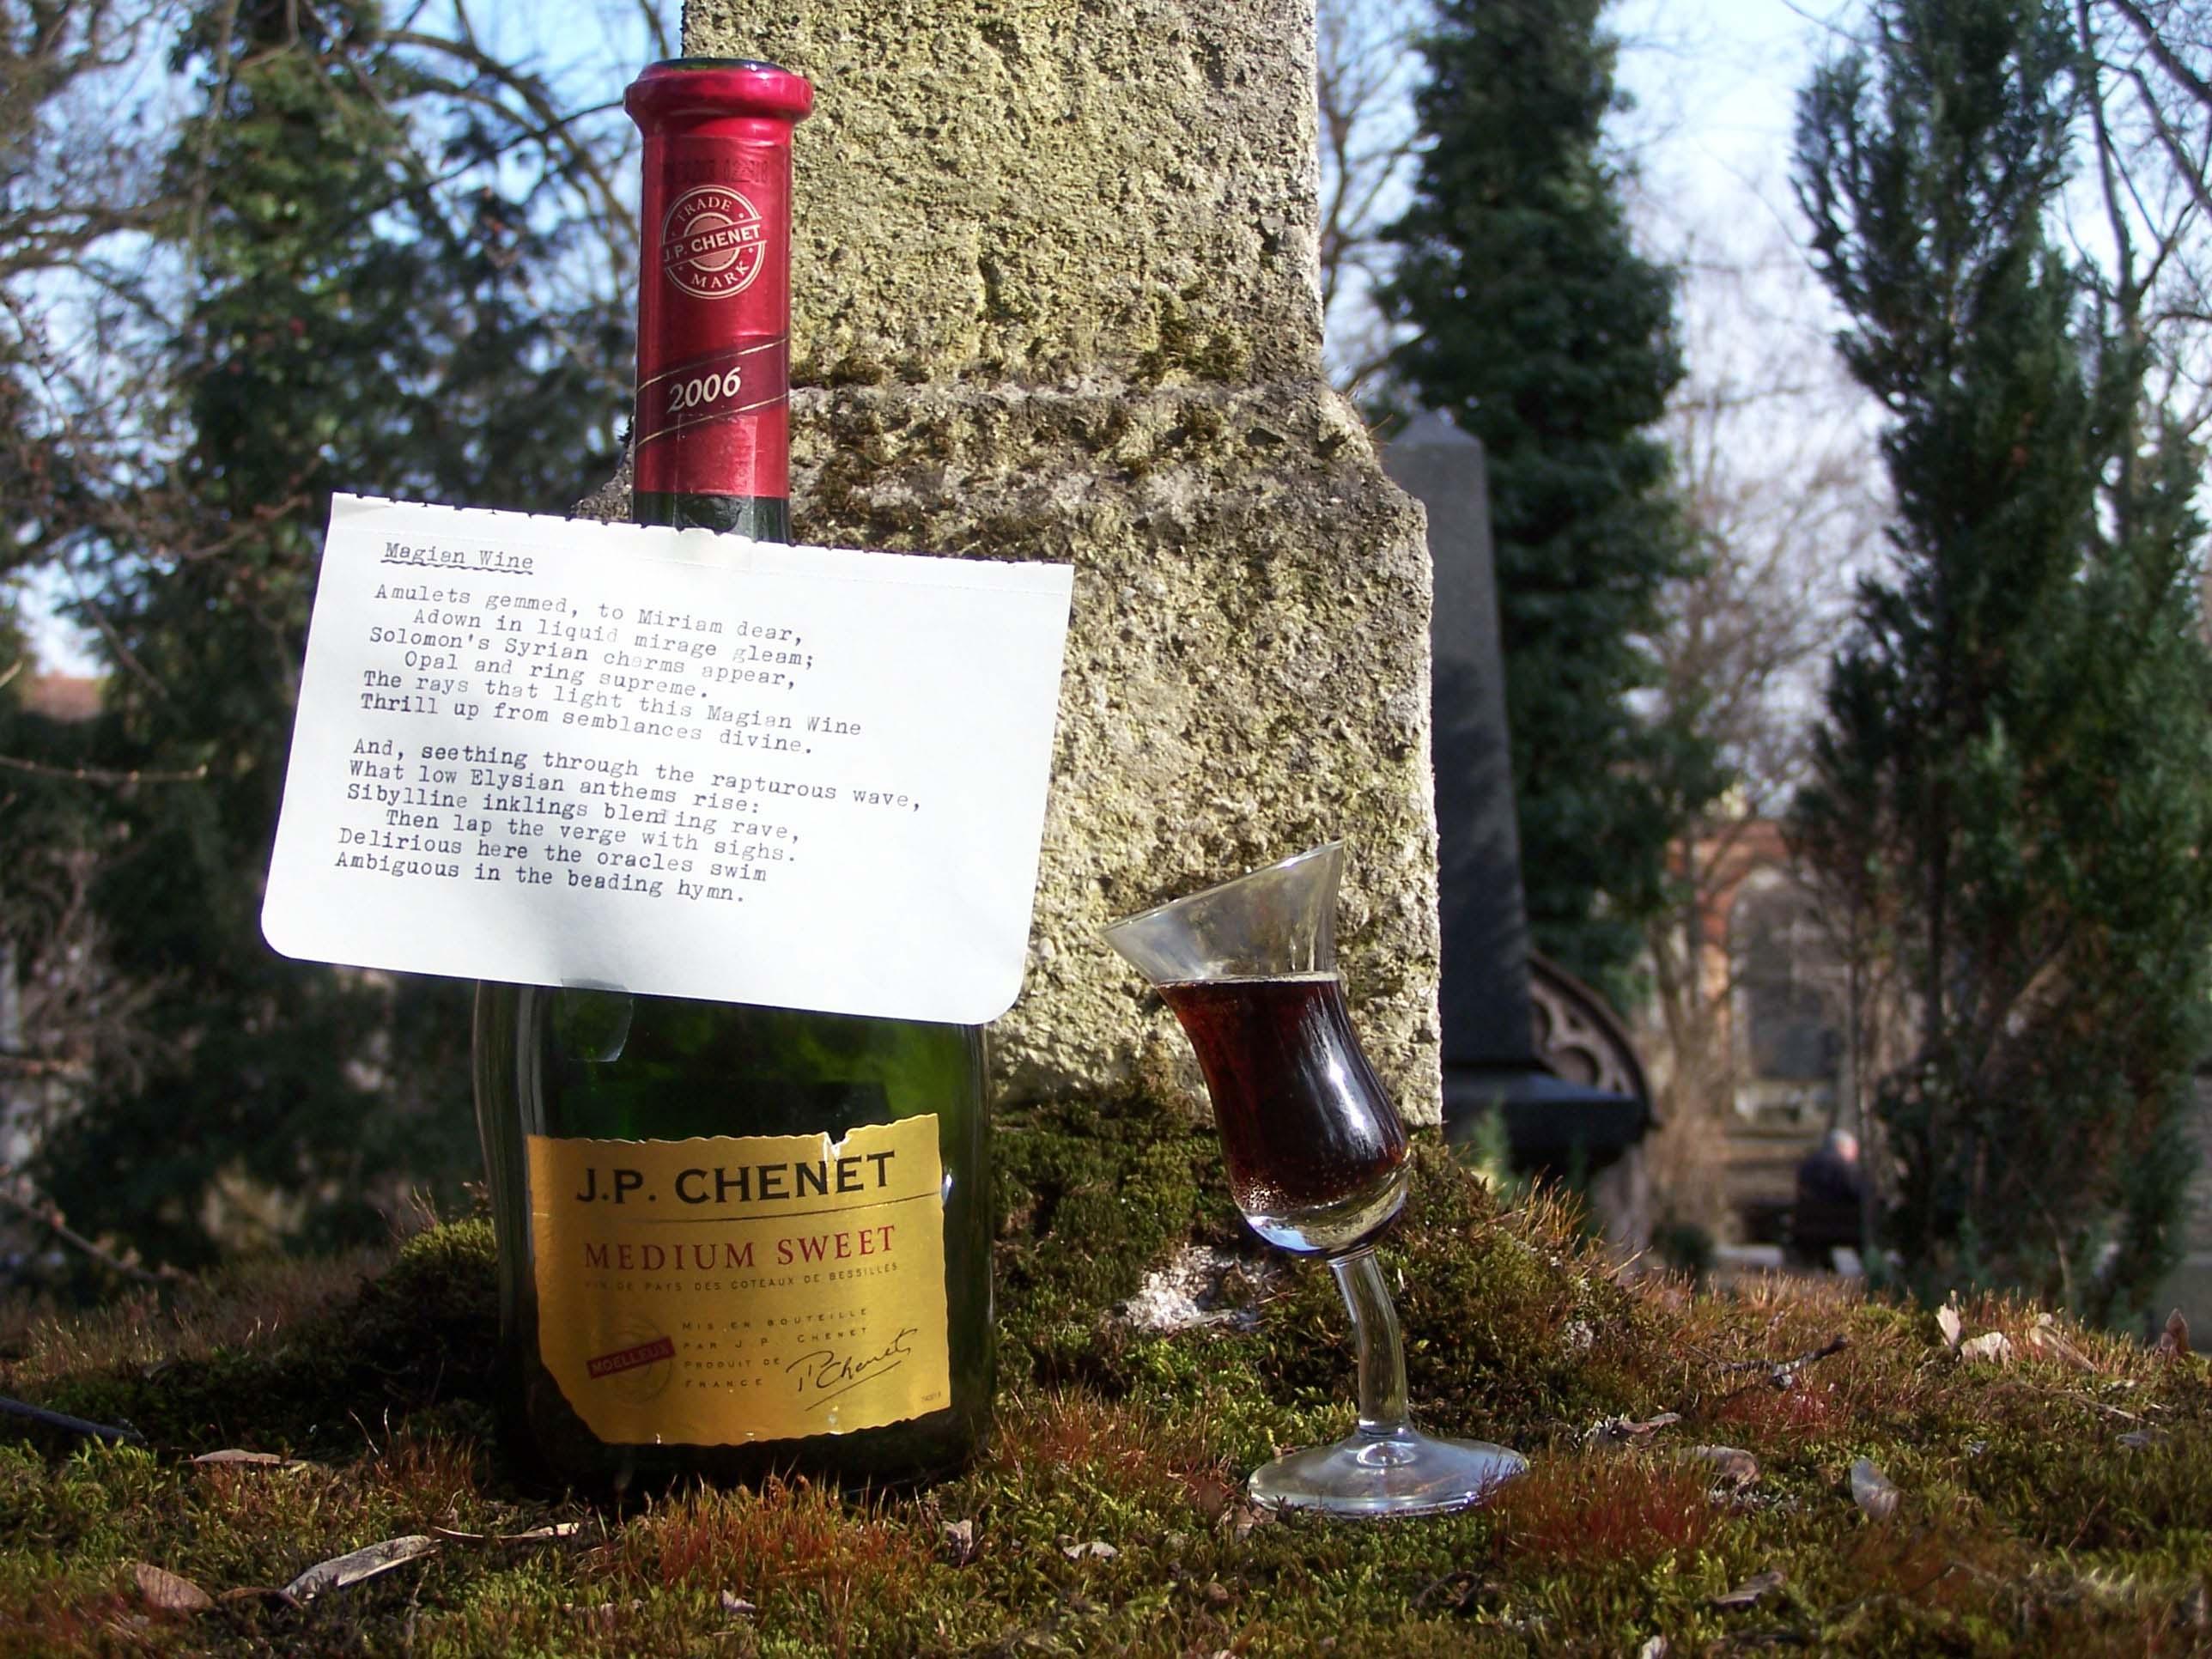 Südfriedhof München, Magian Wine